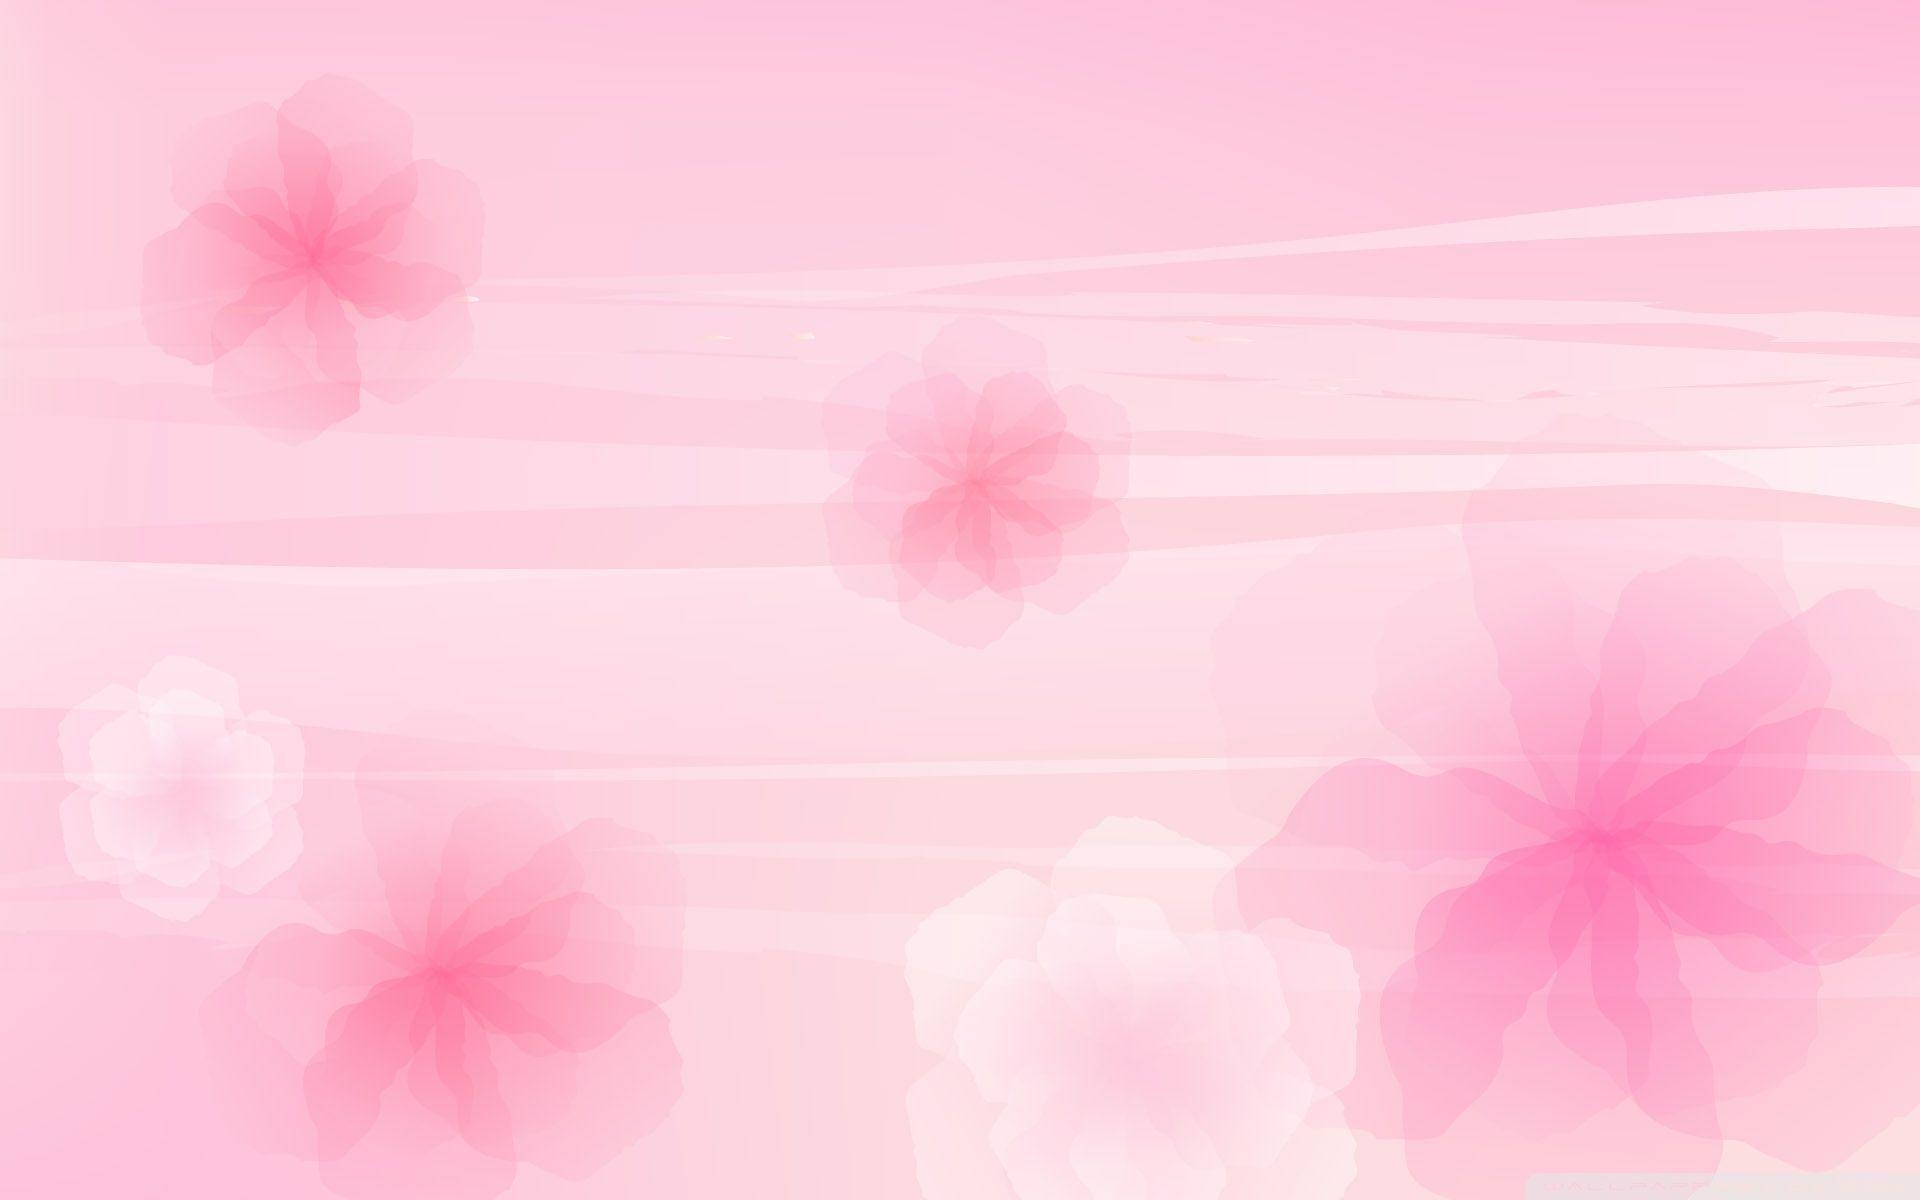 78 Pink Background Wallpaper On Wallpapersafari